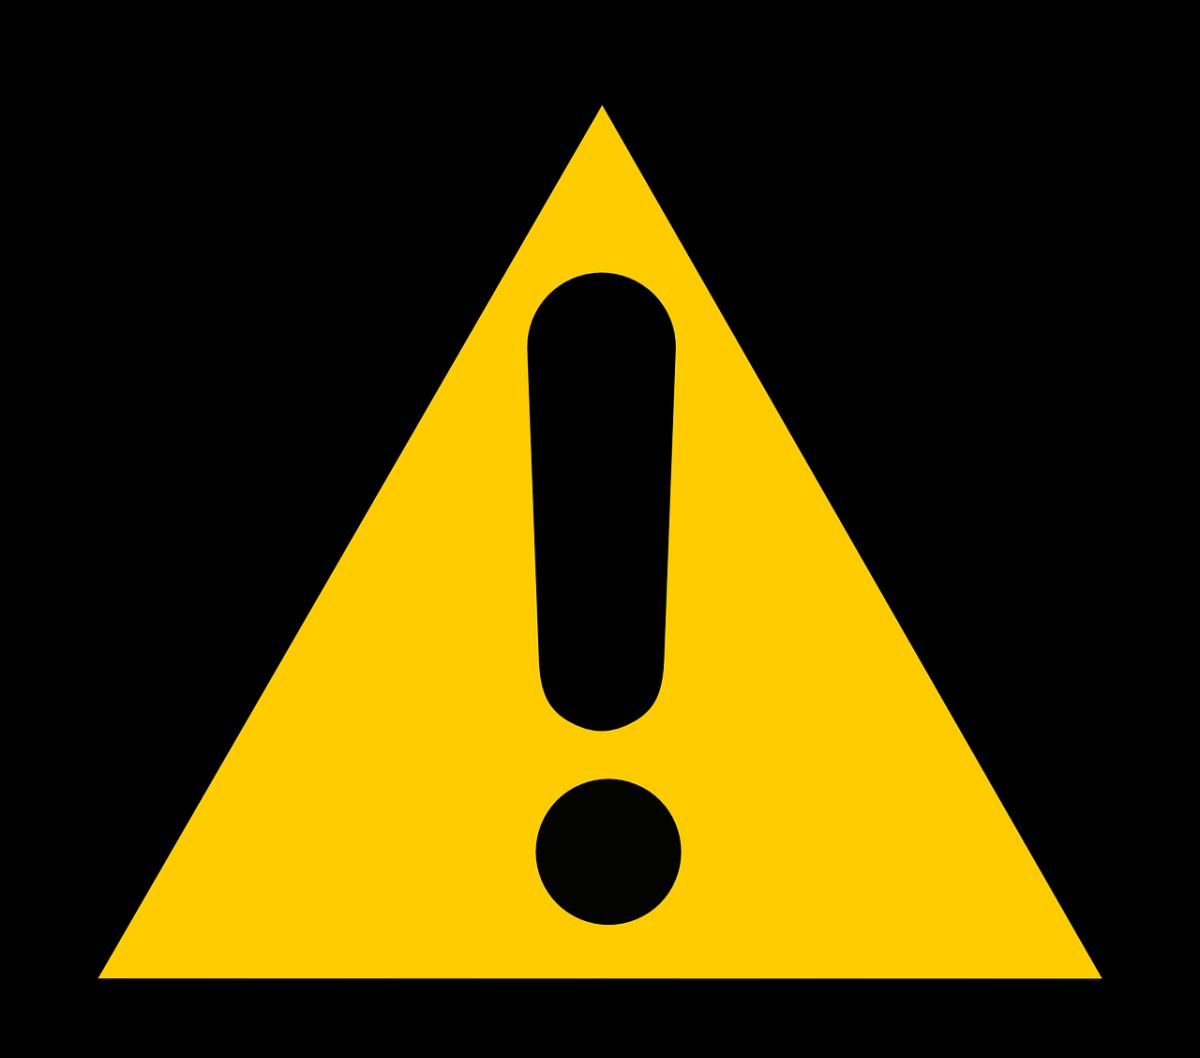 Znak ostrzegawczy UWAGA ostrożnie